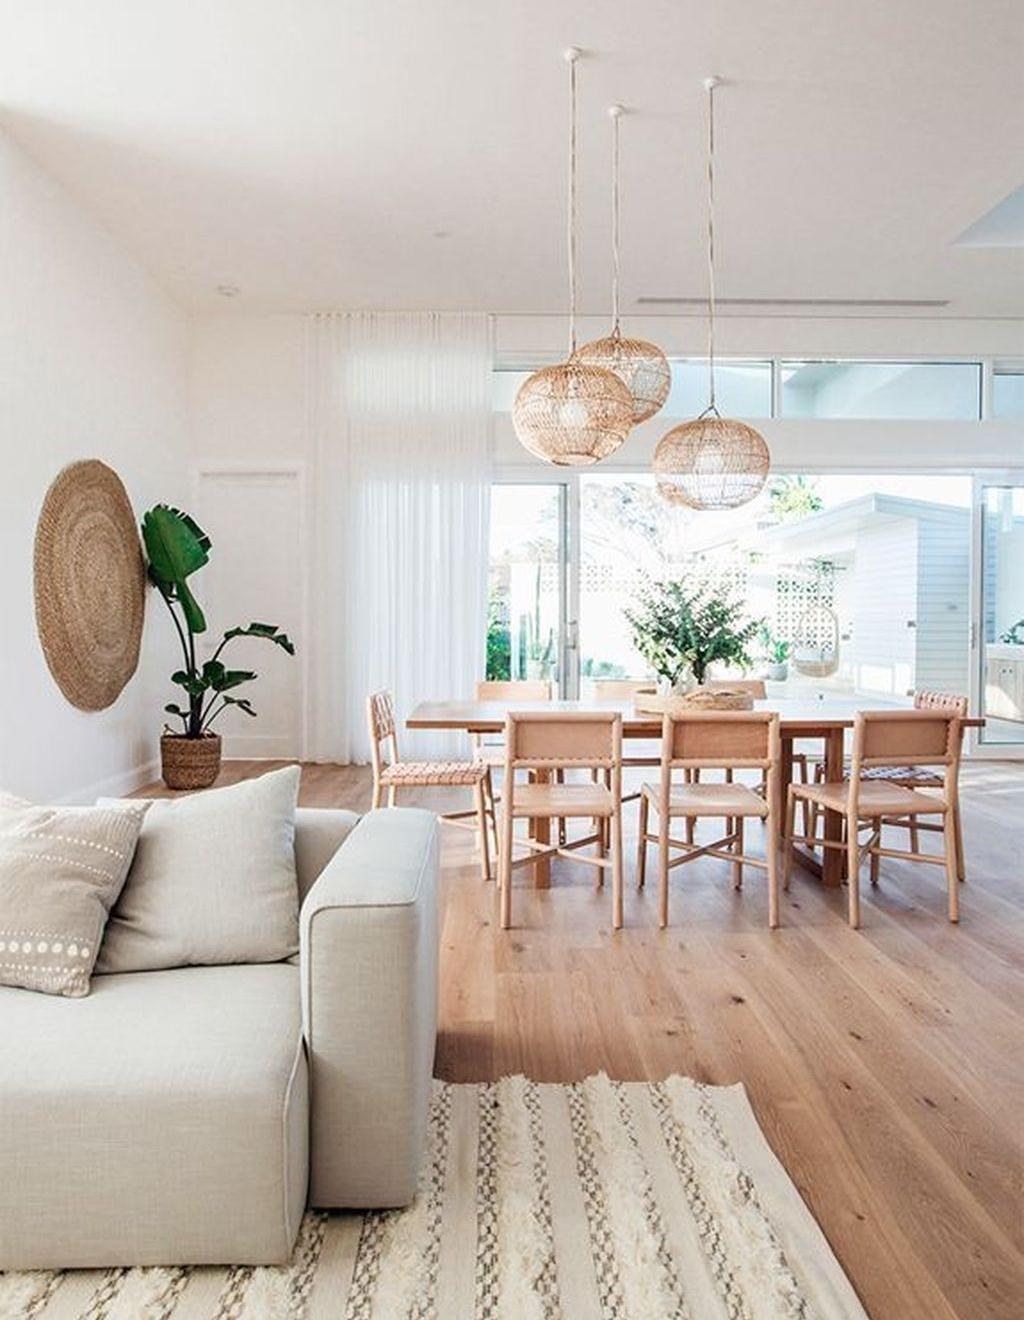 inspiring home decoration idea